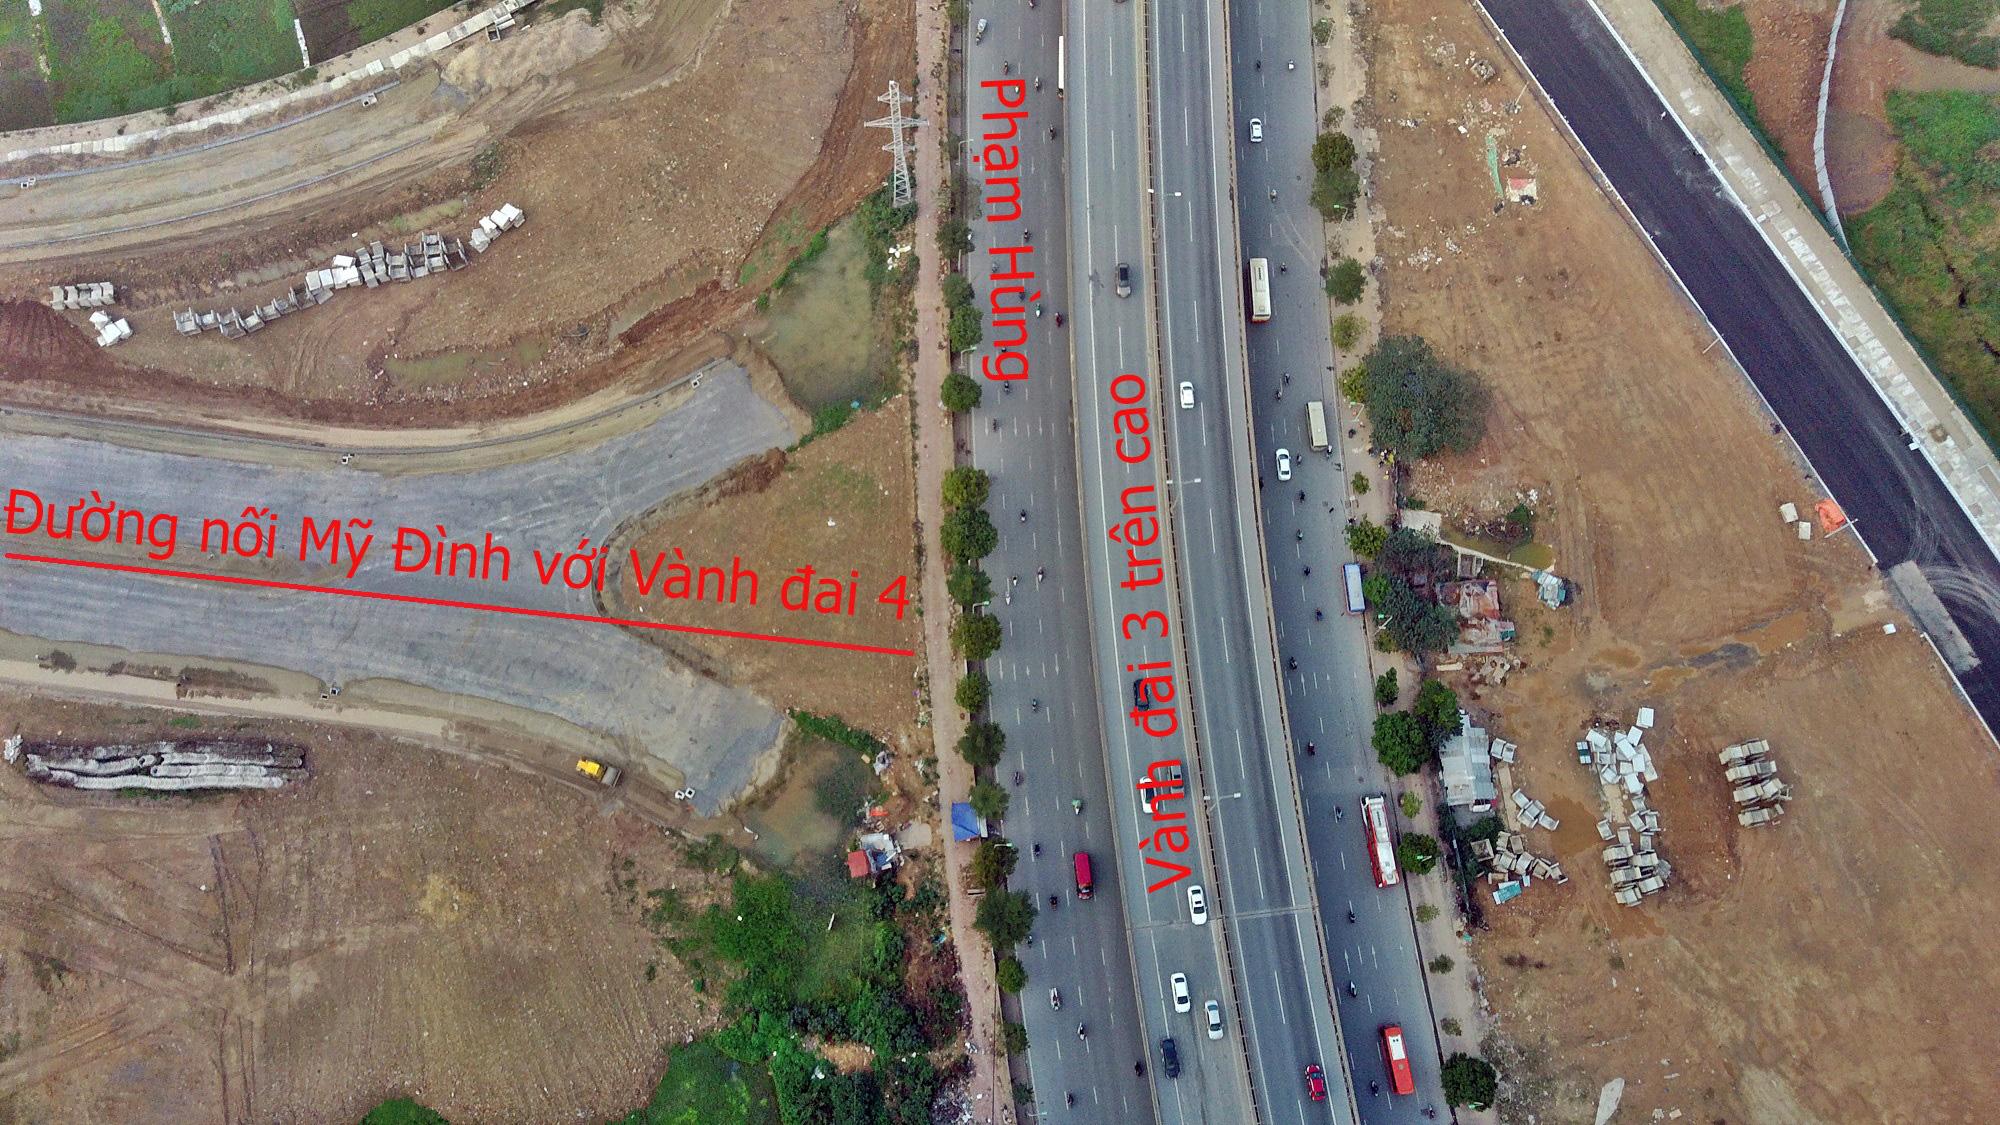 Đường sẽ mở theo qui hoạch: Toàn cảnh đường nối Mỹ Đình với Vành đai 4 - Ảnh 4.